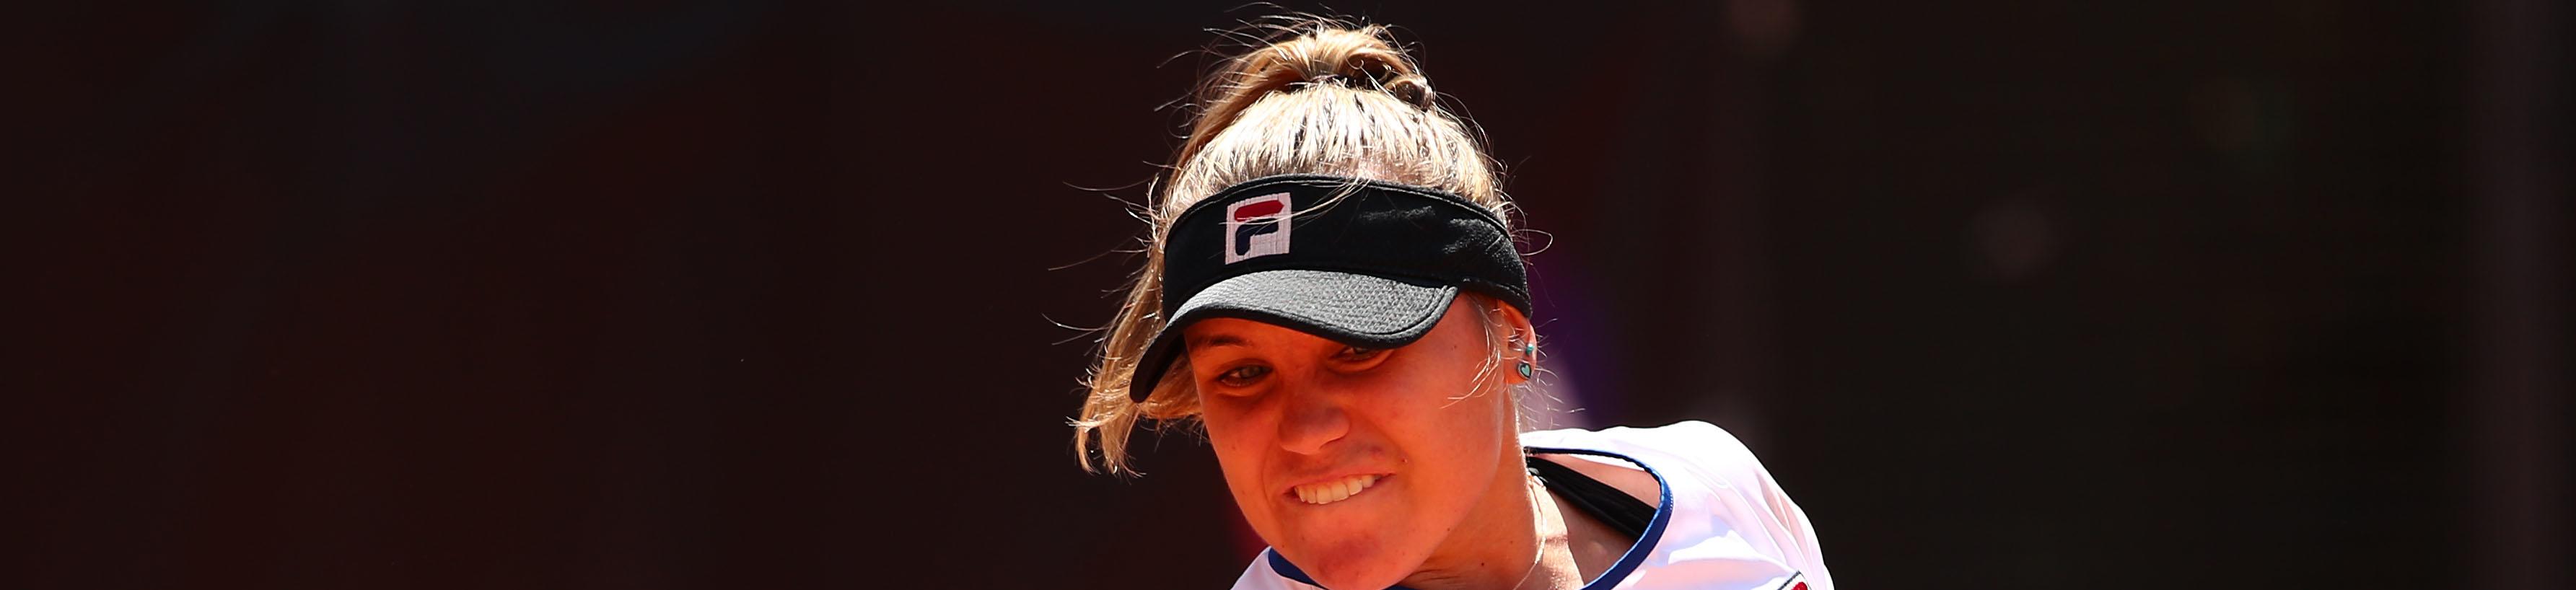 Roland Garros 2019, day 7: tra l'ambidestro Hoang e l'incognita Serena